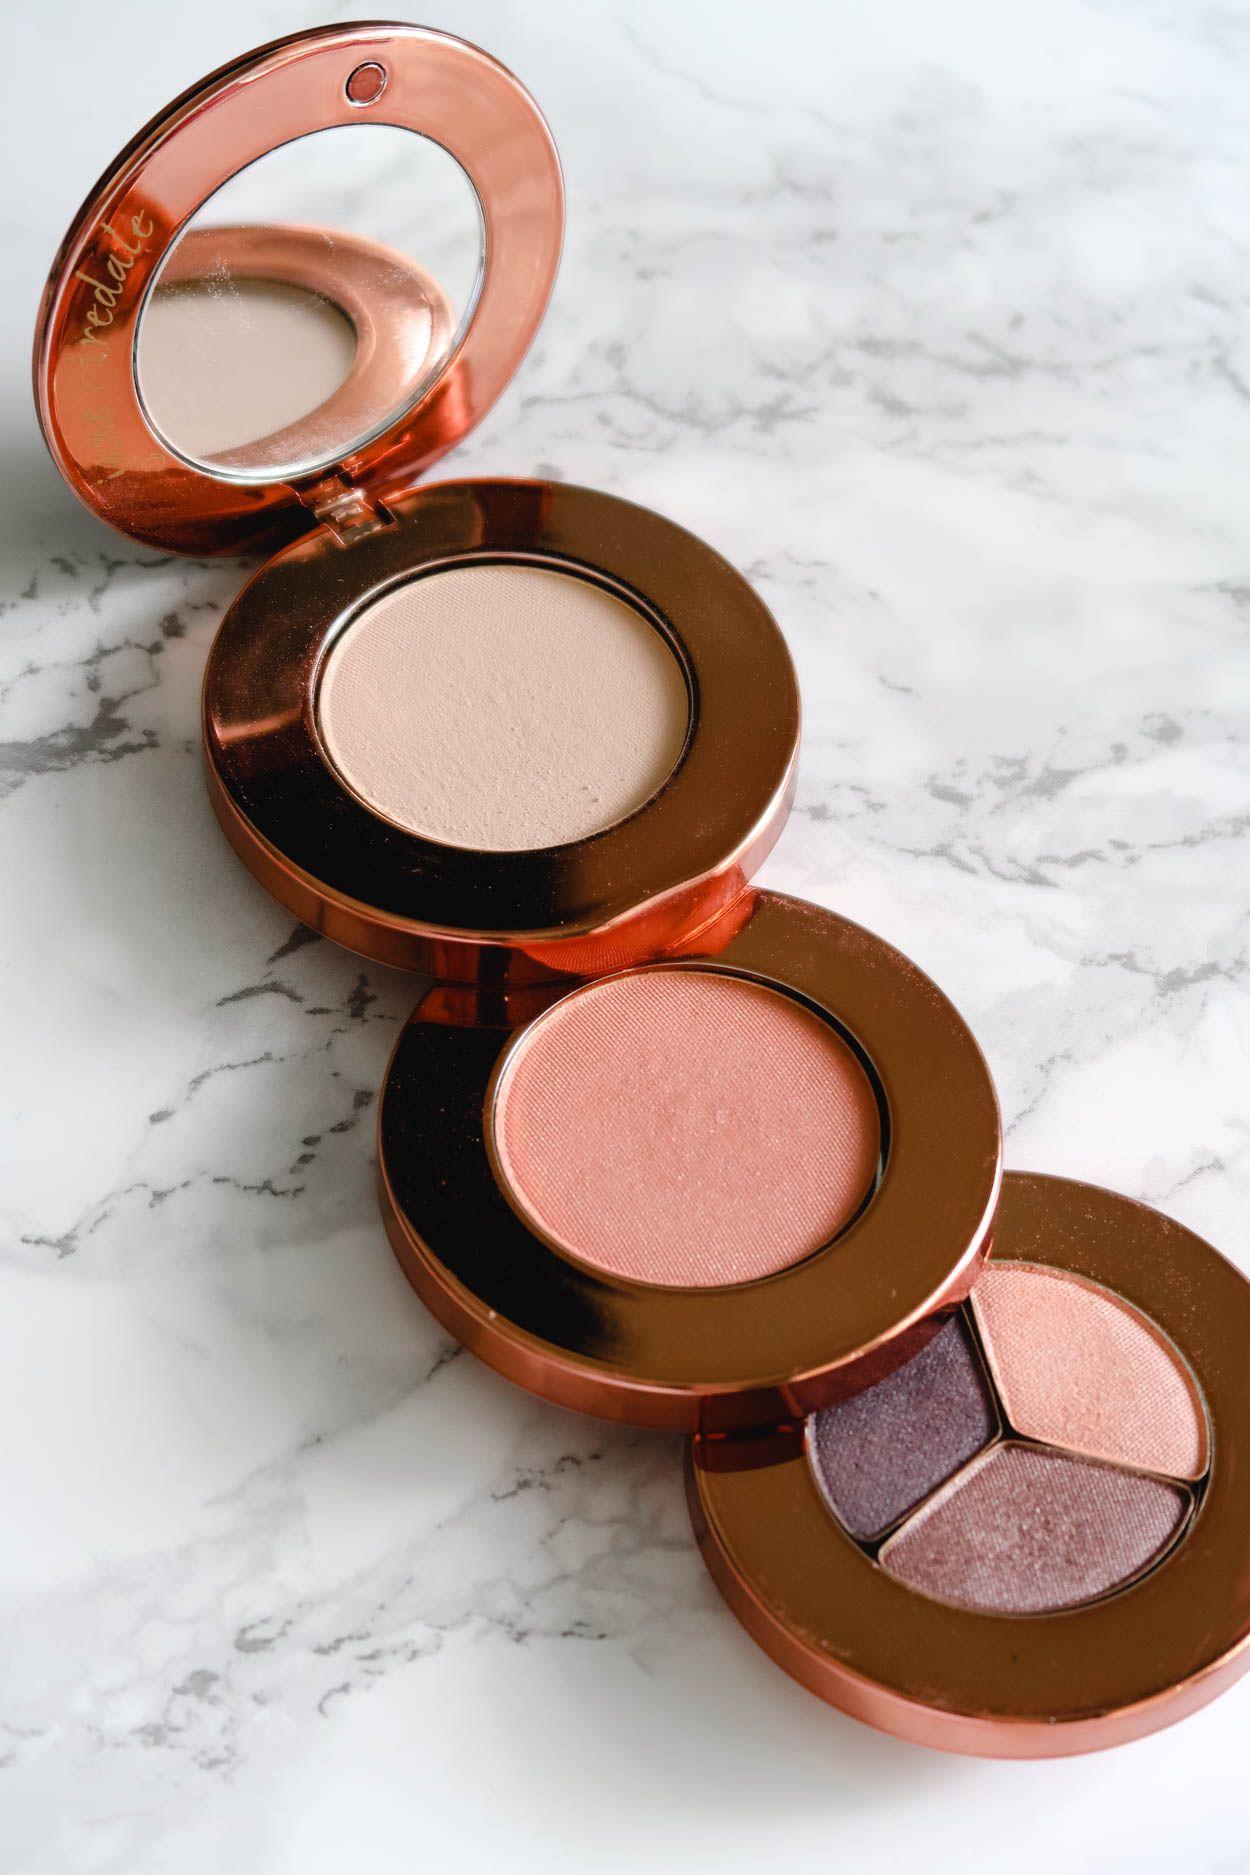 5 Botanical Ingredients with Skin Benefits Makeup blog